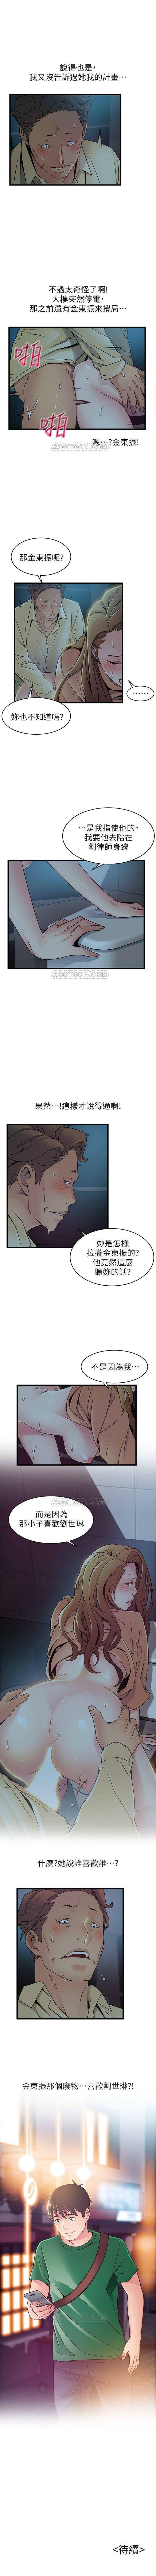 (週7)弱點 1-76 中文翻譯(更新中) 404